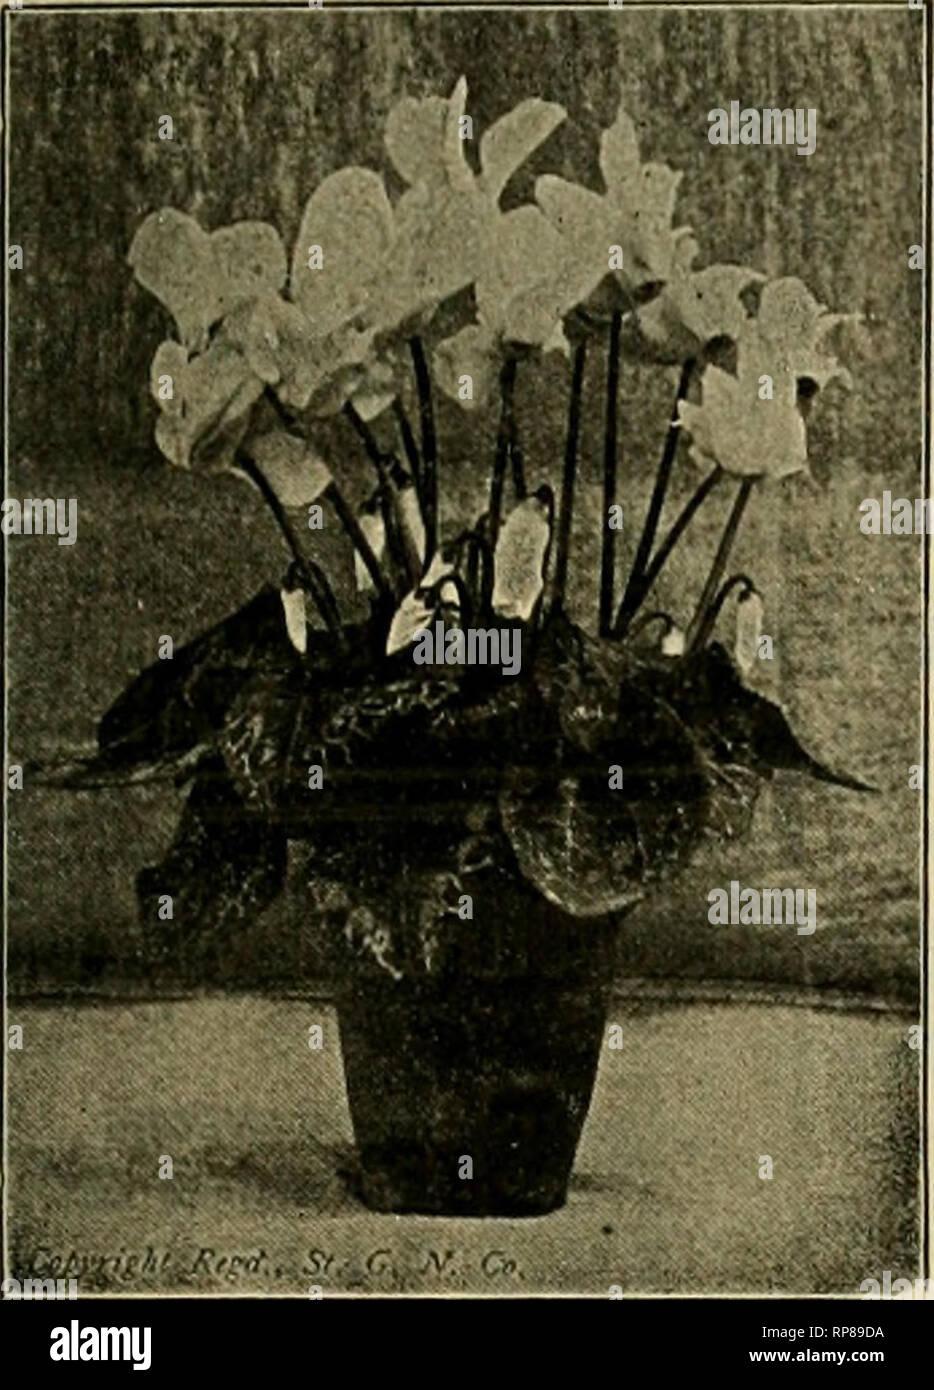 """. La fleuriste américain: un journal hebdomadaire pour le commerce. La floriculture; fleuristes. igog. L'American Fleuriste. 1'45. Des cultures de semences 1909 CYCLAMEN. Il suffit de regarder cette plante! Ceci est un exemple de nos graines et plantes, OlUy SLO an. Vous ne pouvez pas l'égalité de la souche d'ailleurs. Notre spécialité pour 3G d'années. Avez-vous essayé de """"notre propre"""" Saumon géant King, le meilleur saumon cultivé. Une attention personnelle accordée à la main la fertilisation de toutes les semences de fleurs. Nous sommes impatients de vous servir. Graine par oz. sur demande. Liste gratuitement. En sept couleurs distinctes comme sélectionné pour le marché. Conditions Paiement sur commande net. Photo Stock"""